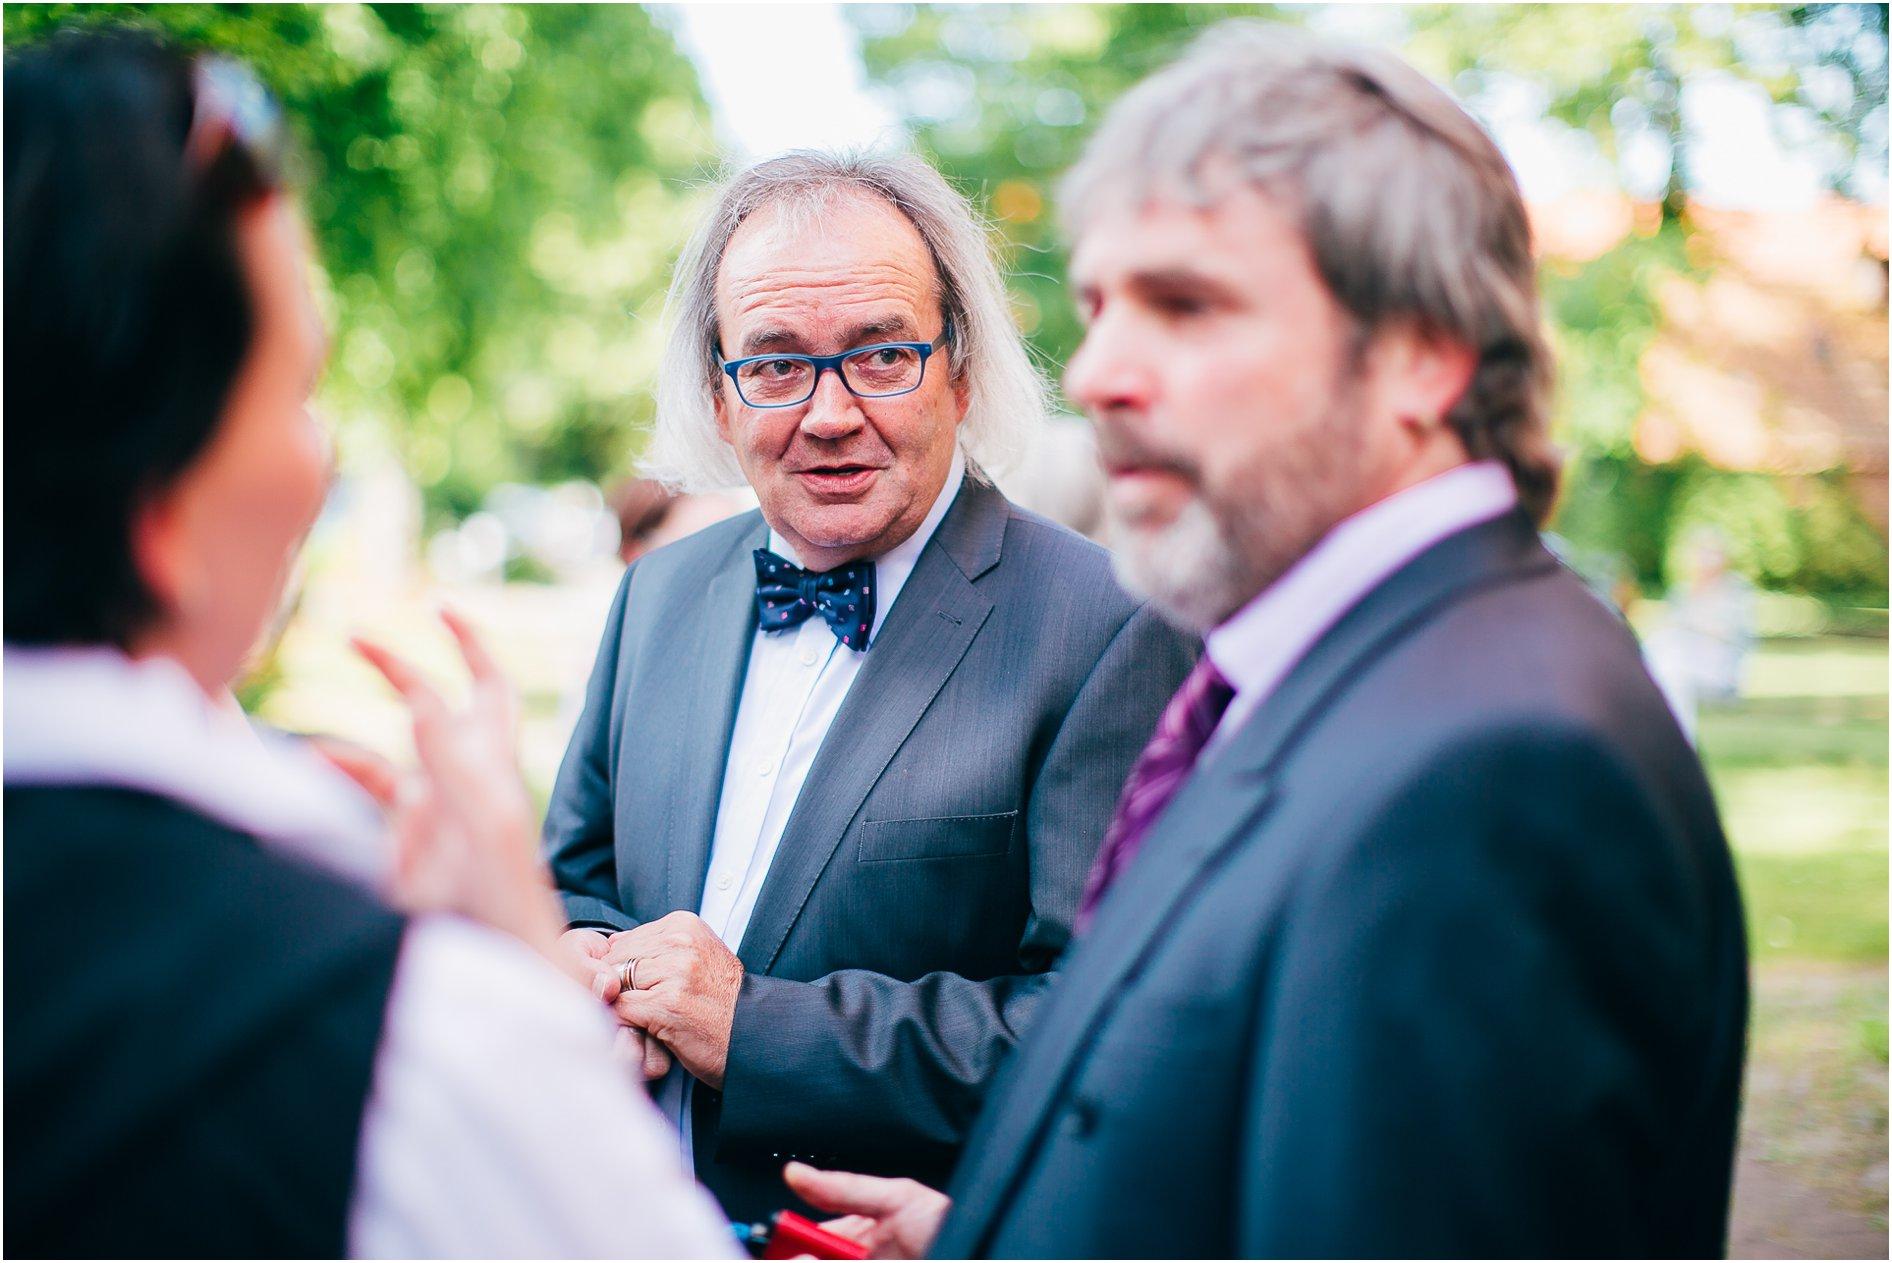 2014-08-07_0054 Wiebke und Marcio - Hochzeitsfotograf in Lüneburg